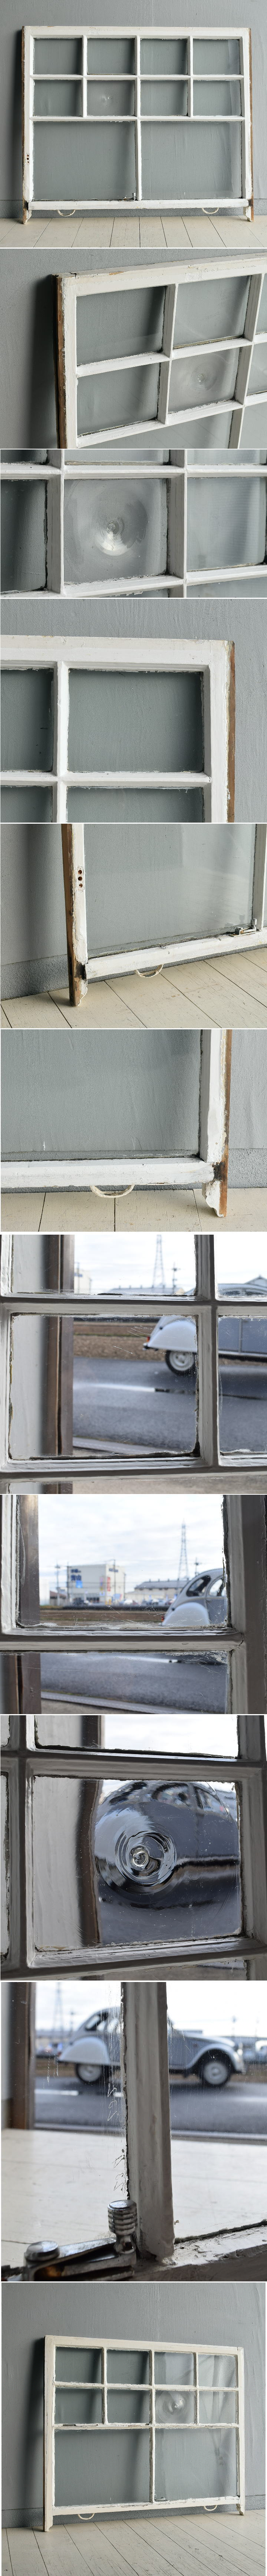 イギリス アンティーク 窓 無色透明 7723A